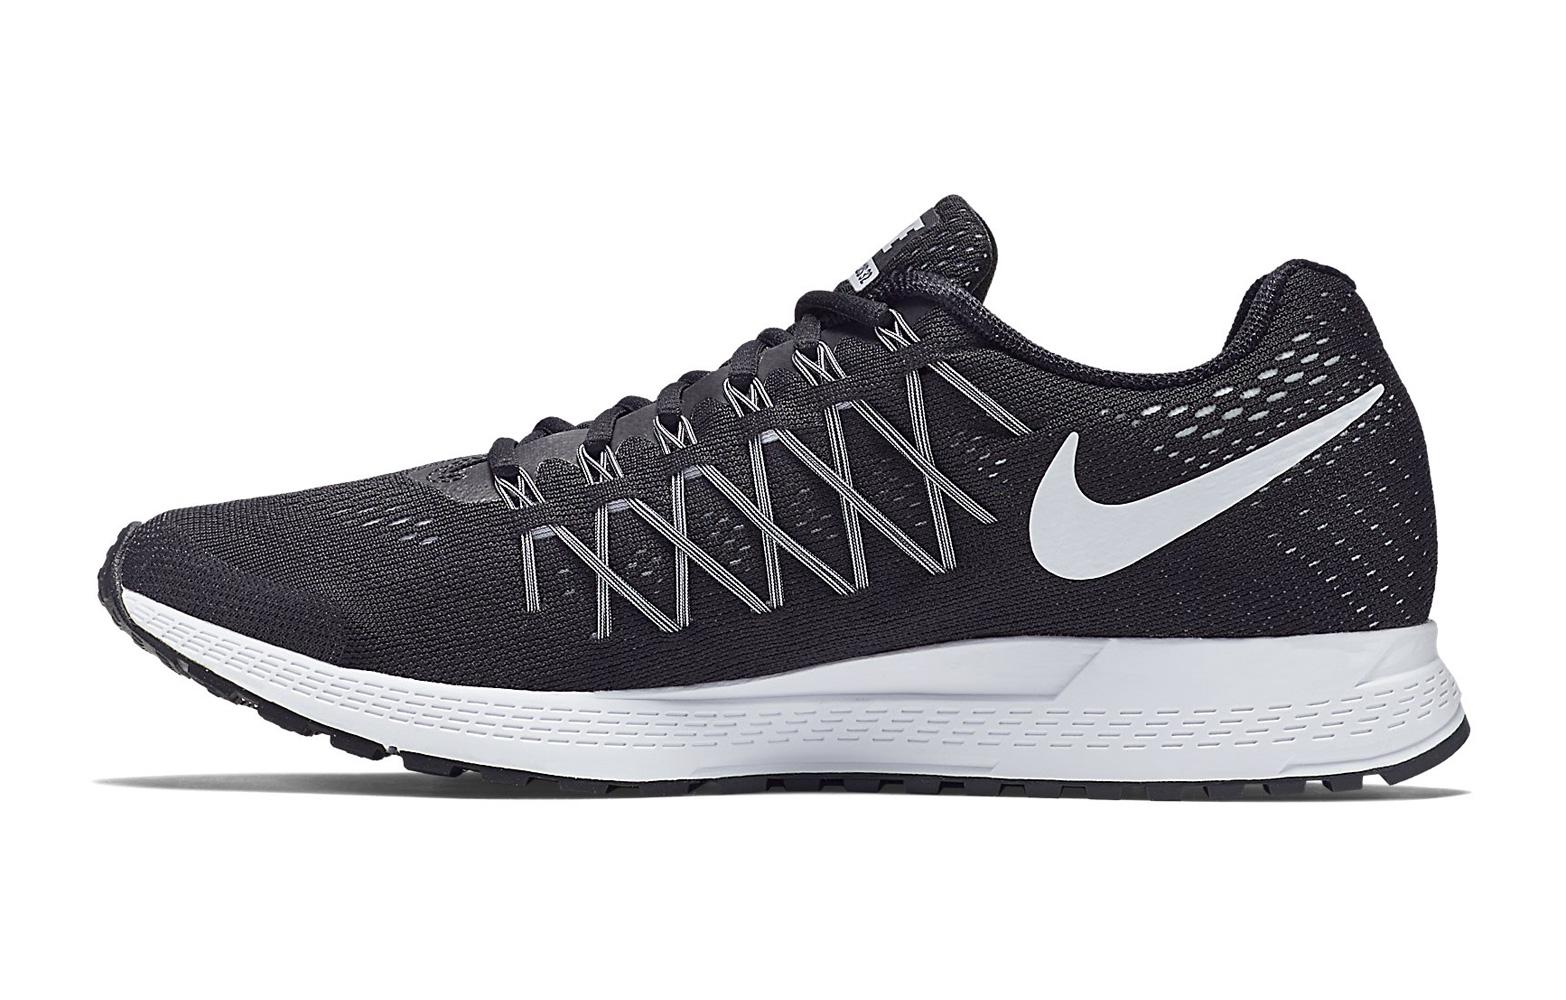 Zapatillas Nike Air Zoom Pegasus 32 negras para hombre